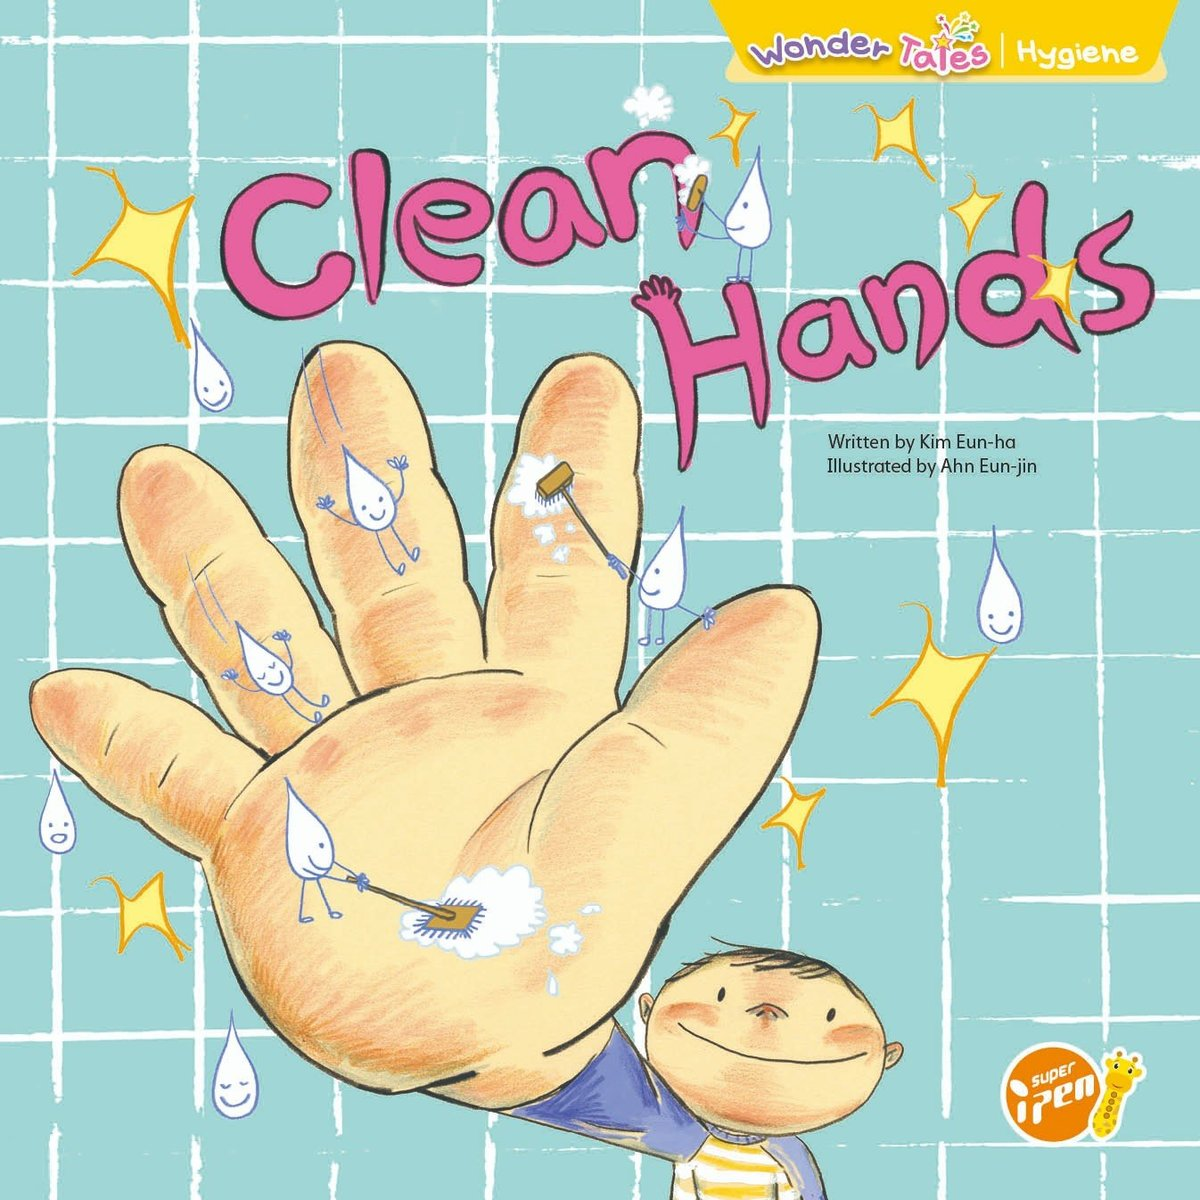 Wonder Tales 英文繪本 (K2)—Clean Hands